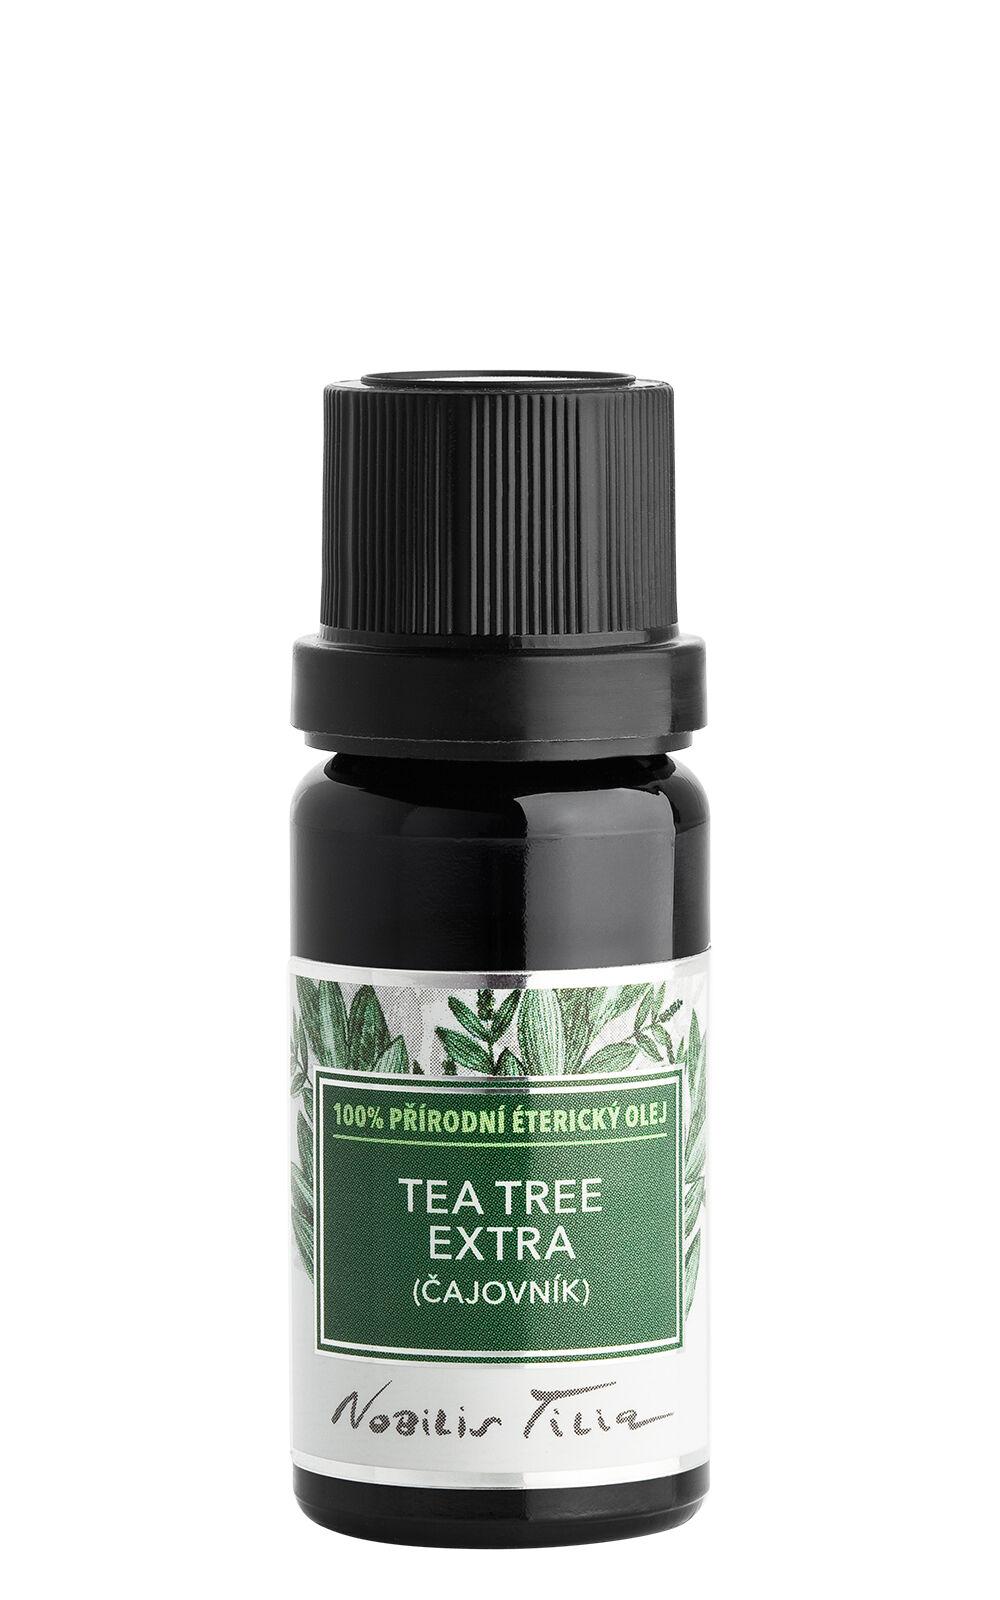 Nobilis Tilia Éterický olej TEA TREE extra čajovník